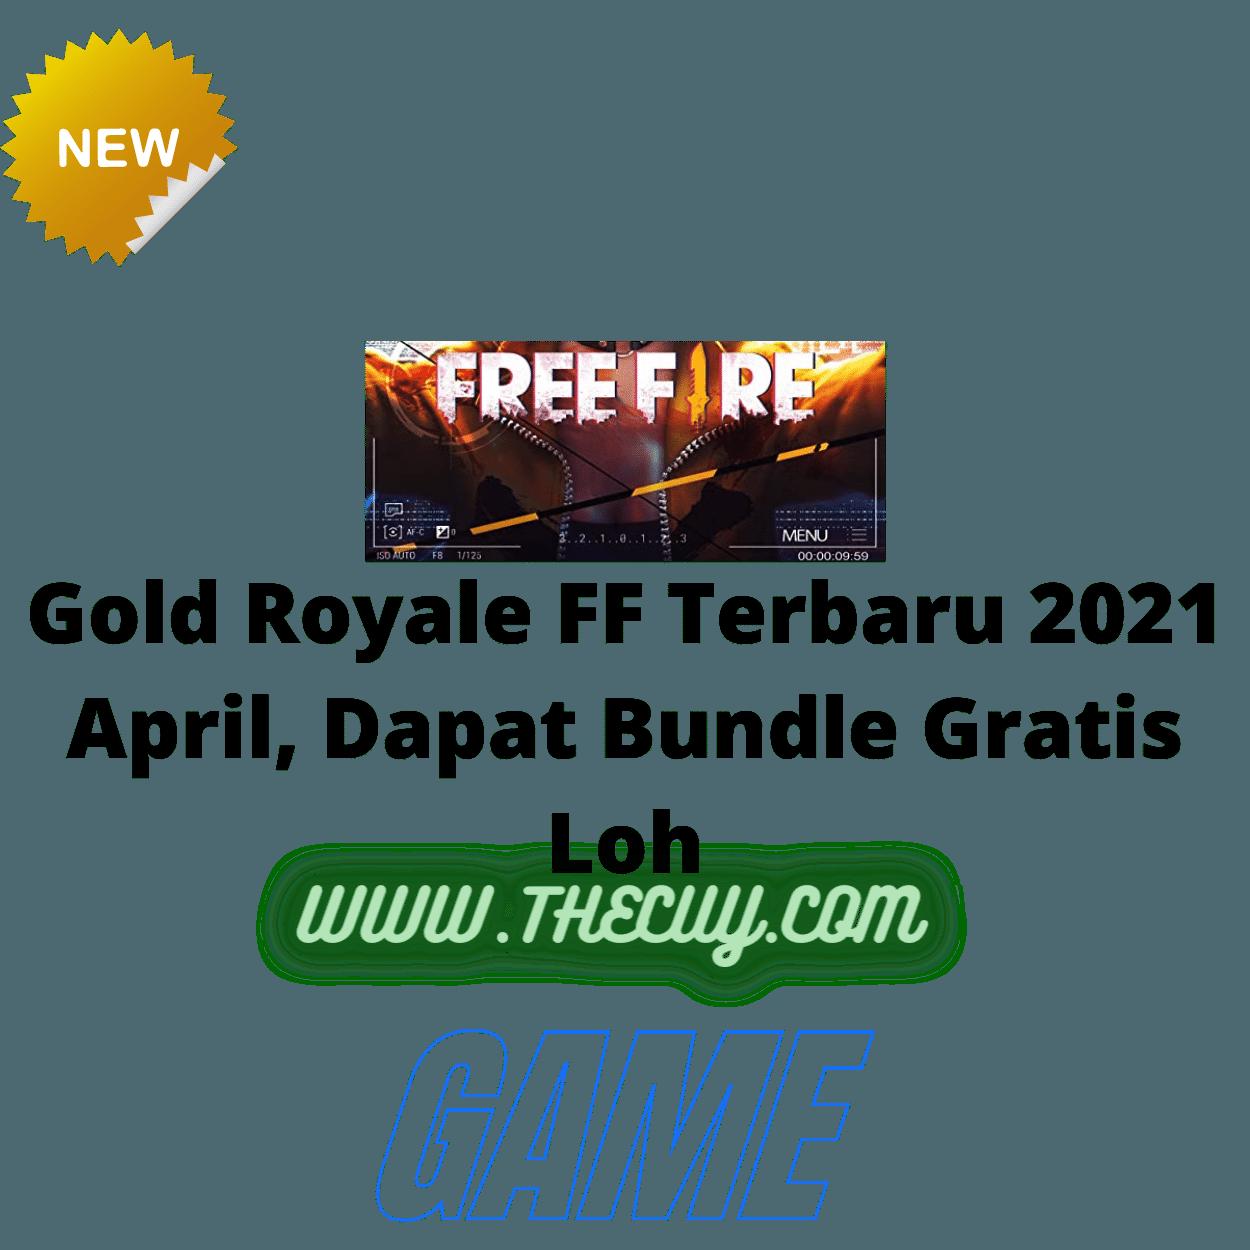 Gold Royale FF Terbaru 2021 April, Dapat Bundle Gratis Loh